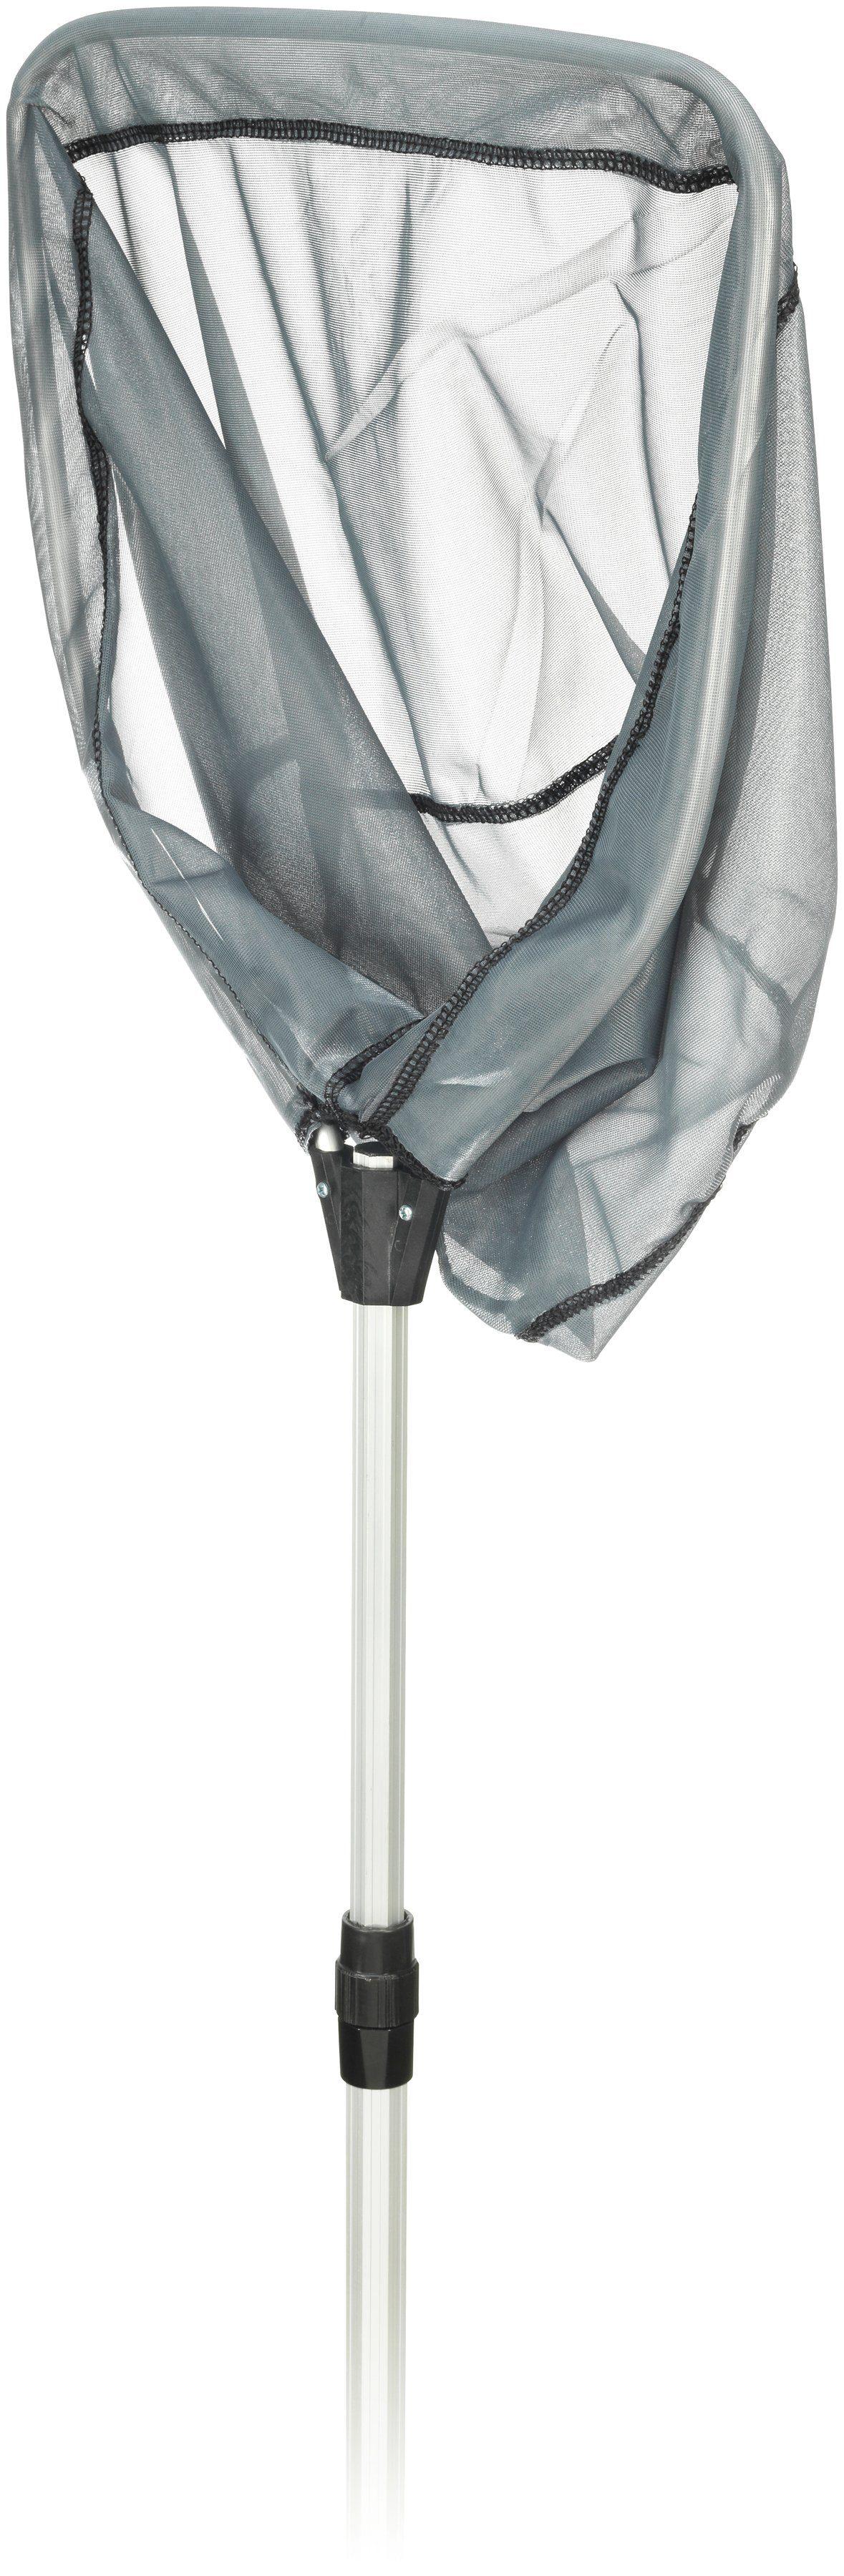 TETRA Teichkescher »Net Algae«, Aluminiumstiel bis 203 cm ausziehbar